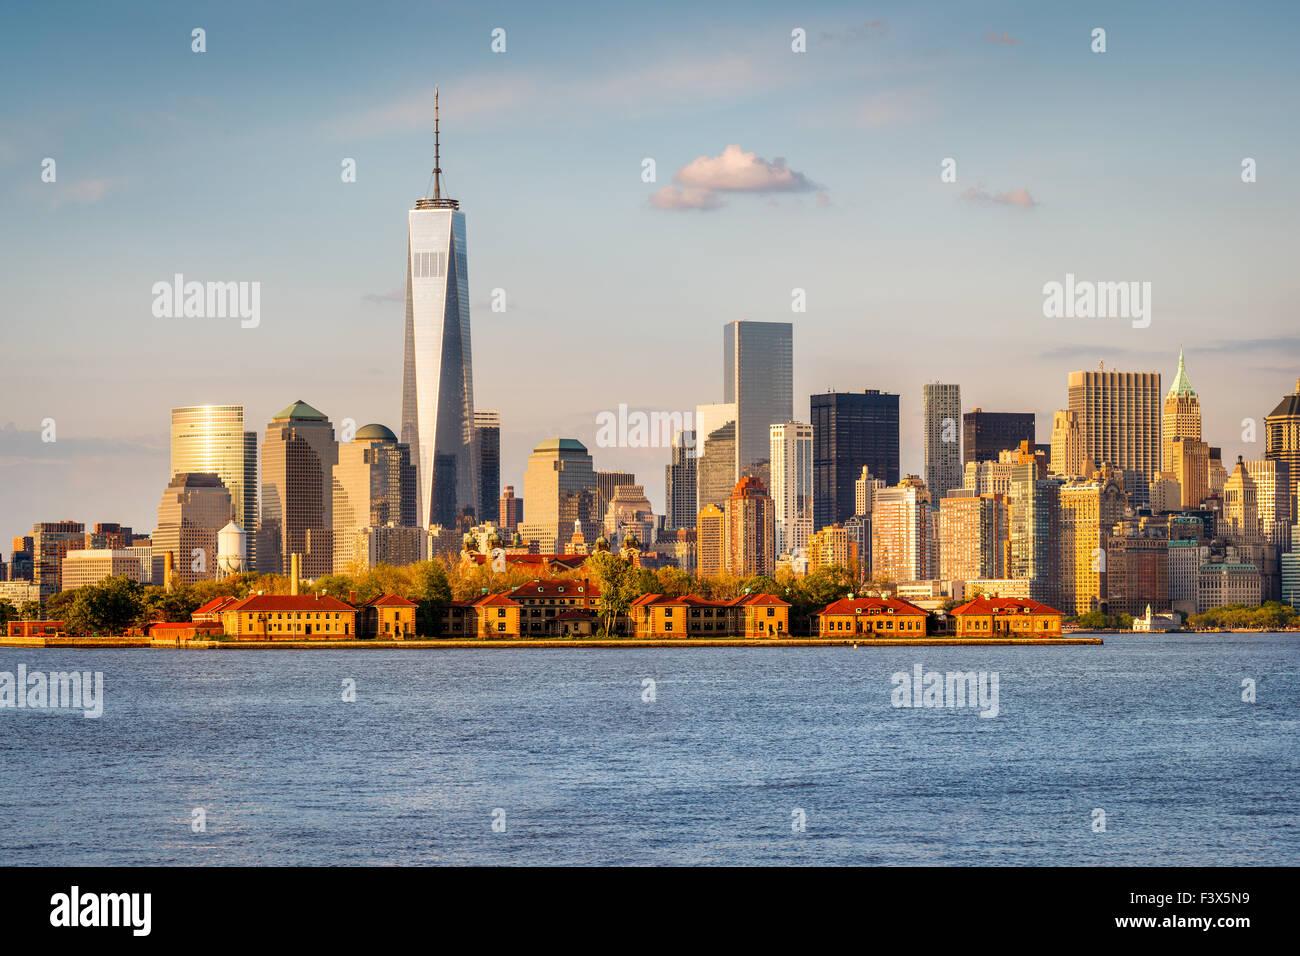 Il Porto di New York vista del World Trade Center e la parte inferiore di Manhattan con il quartiere finanziario Foto Stock